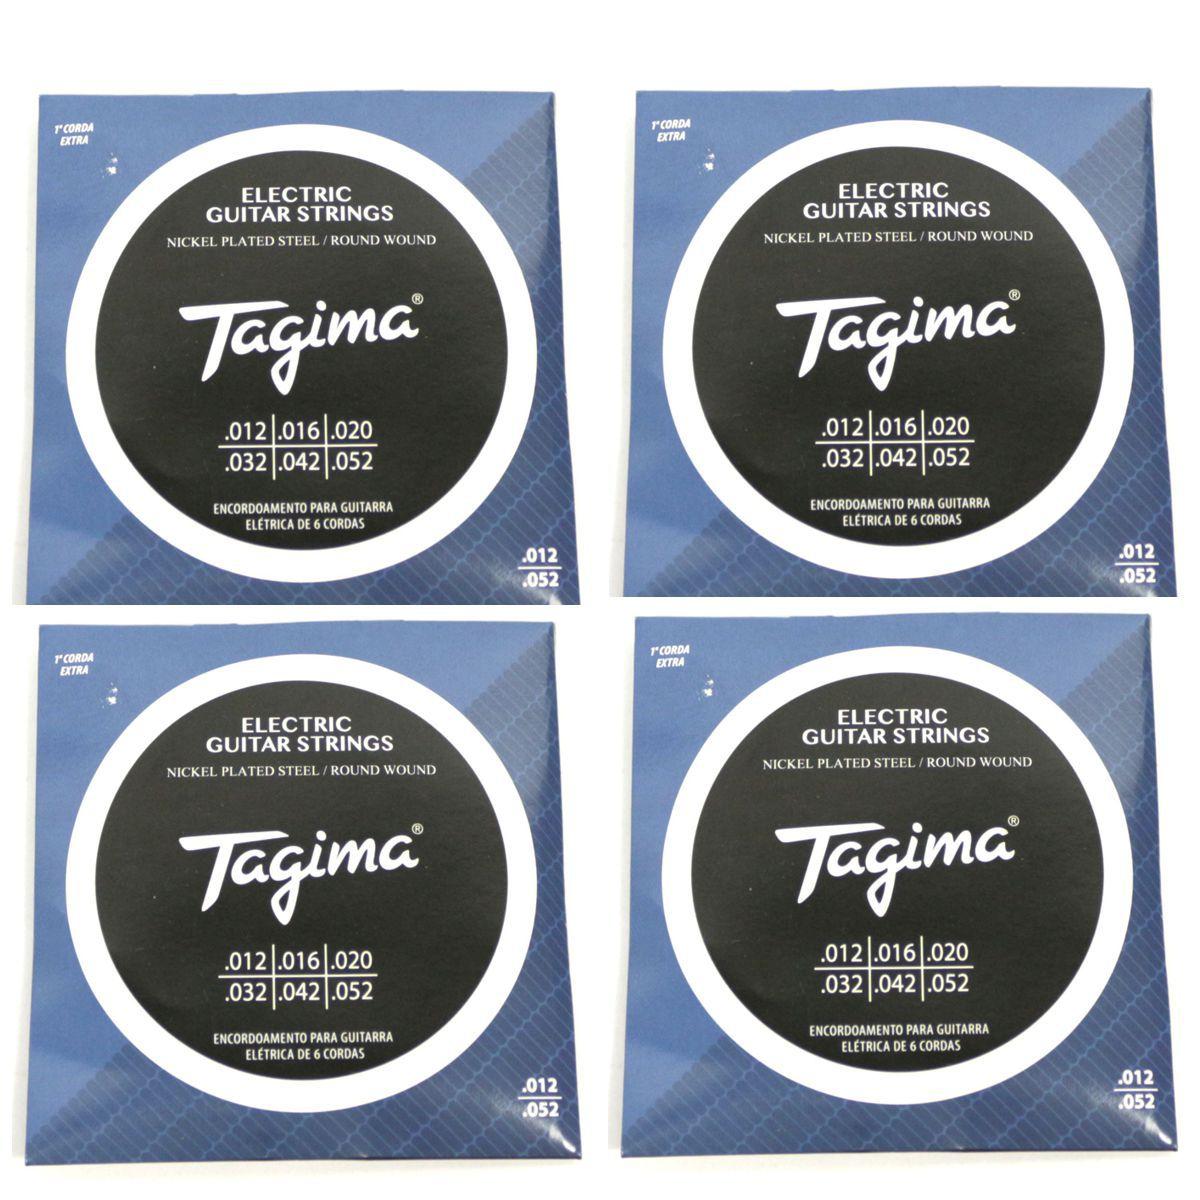 Encordoamento para Guitarra 012 Tagima - TGT-012 - 04 Unidades